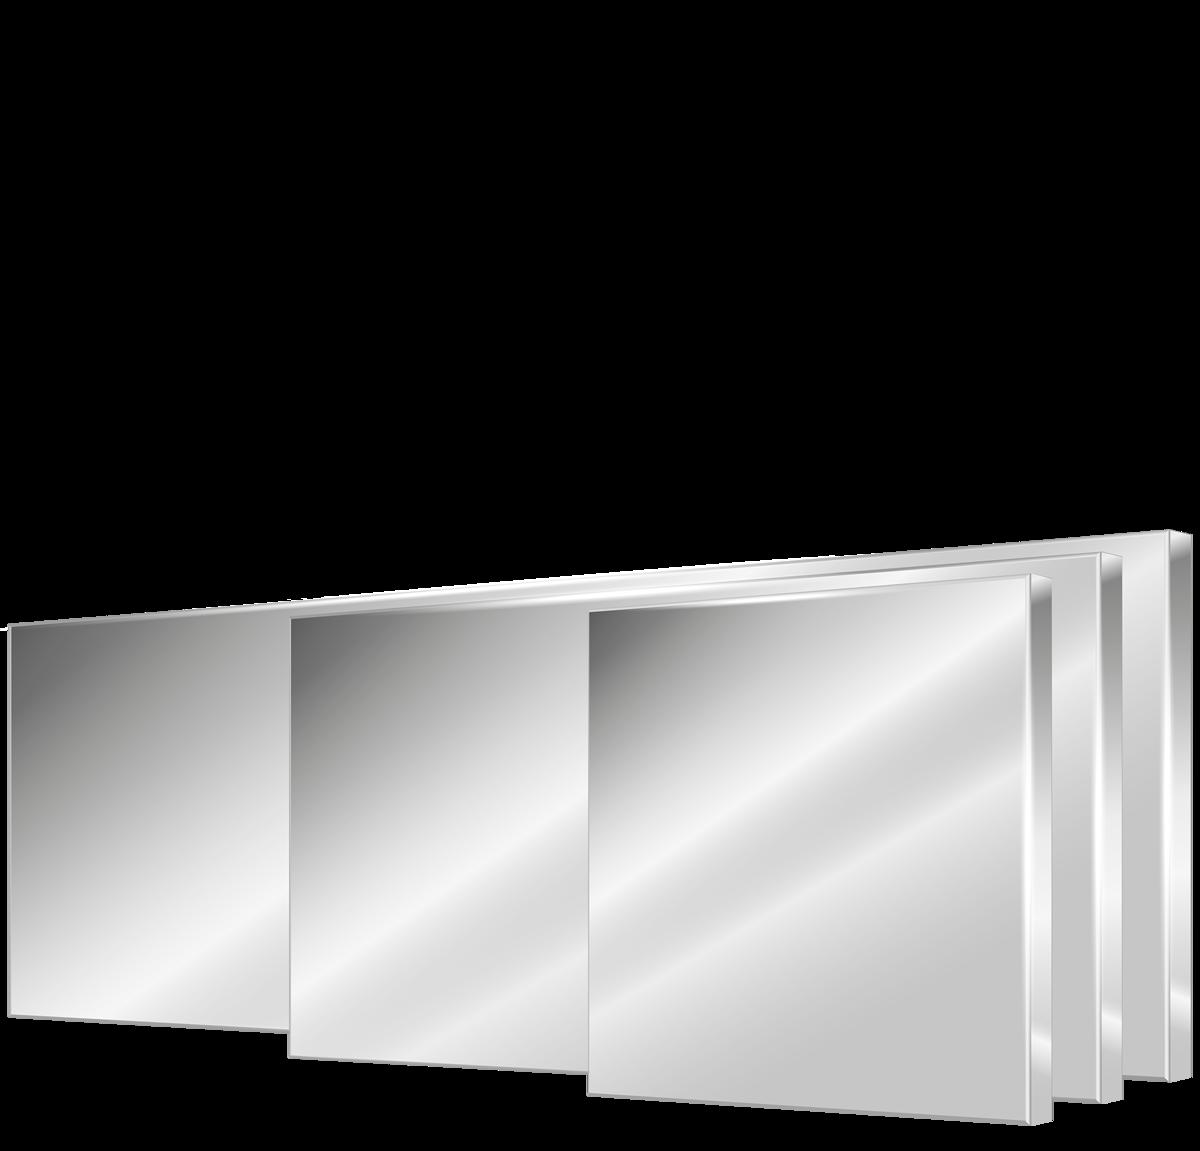 Miroirs<br>en inox<br>S50, S100 et S150